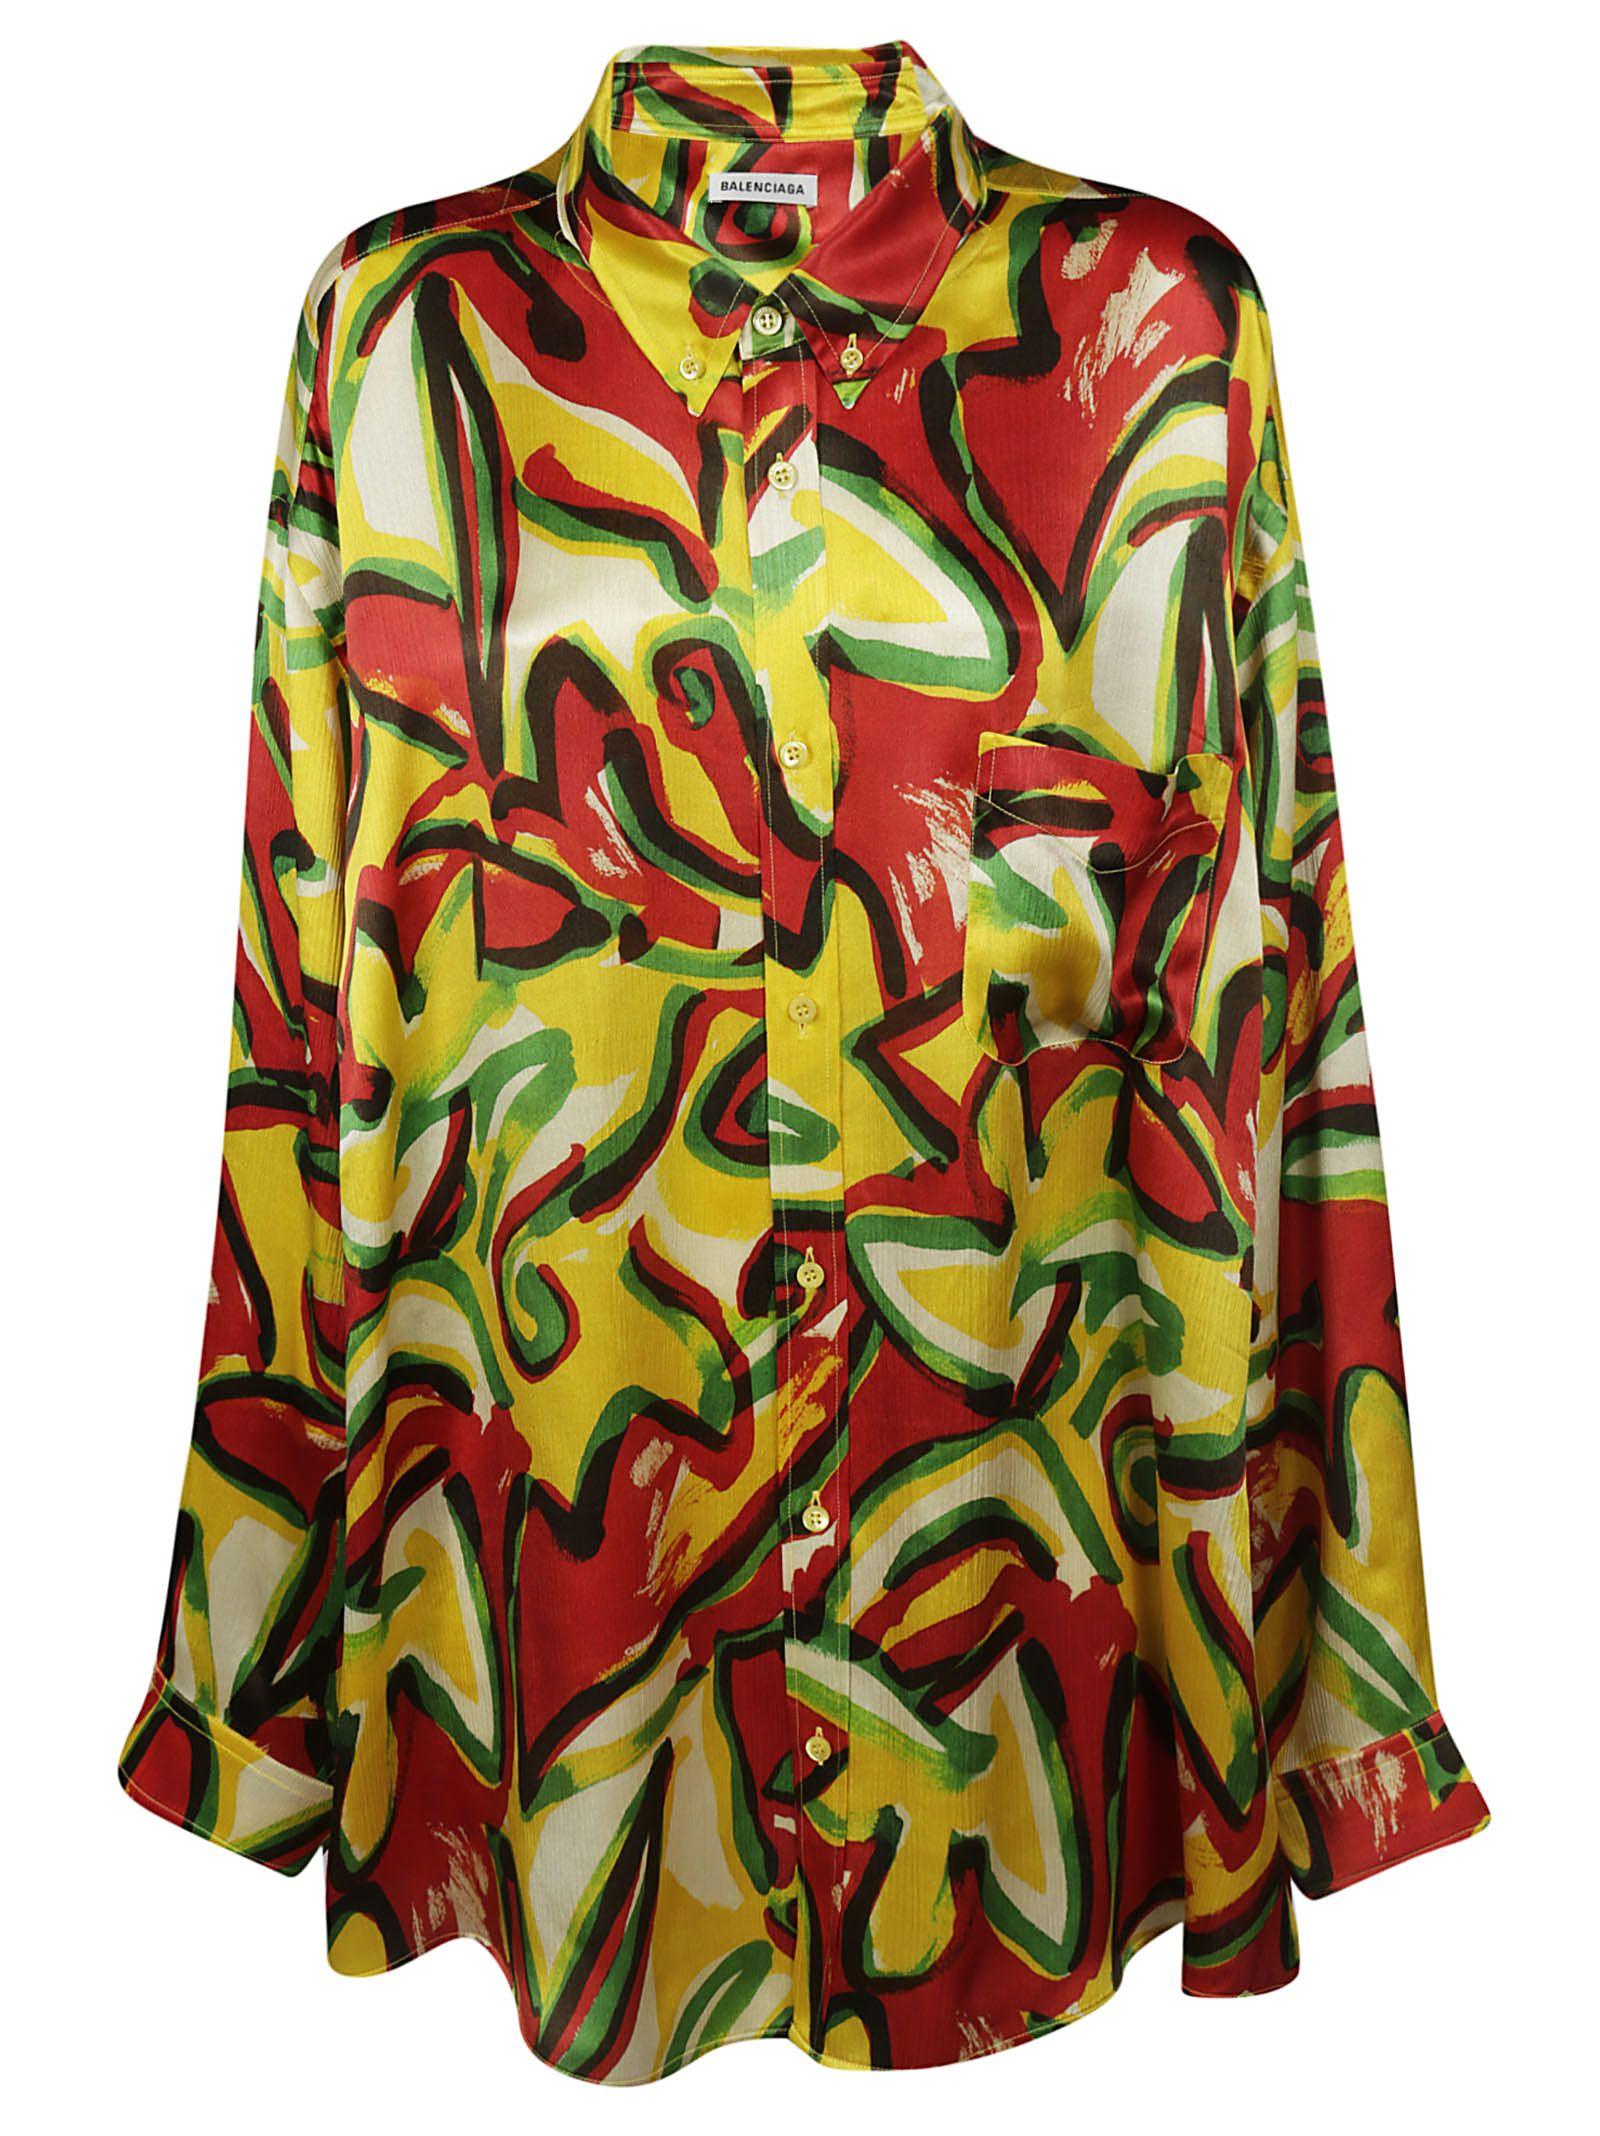 Balenciaga Printed Shirt